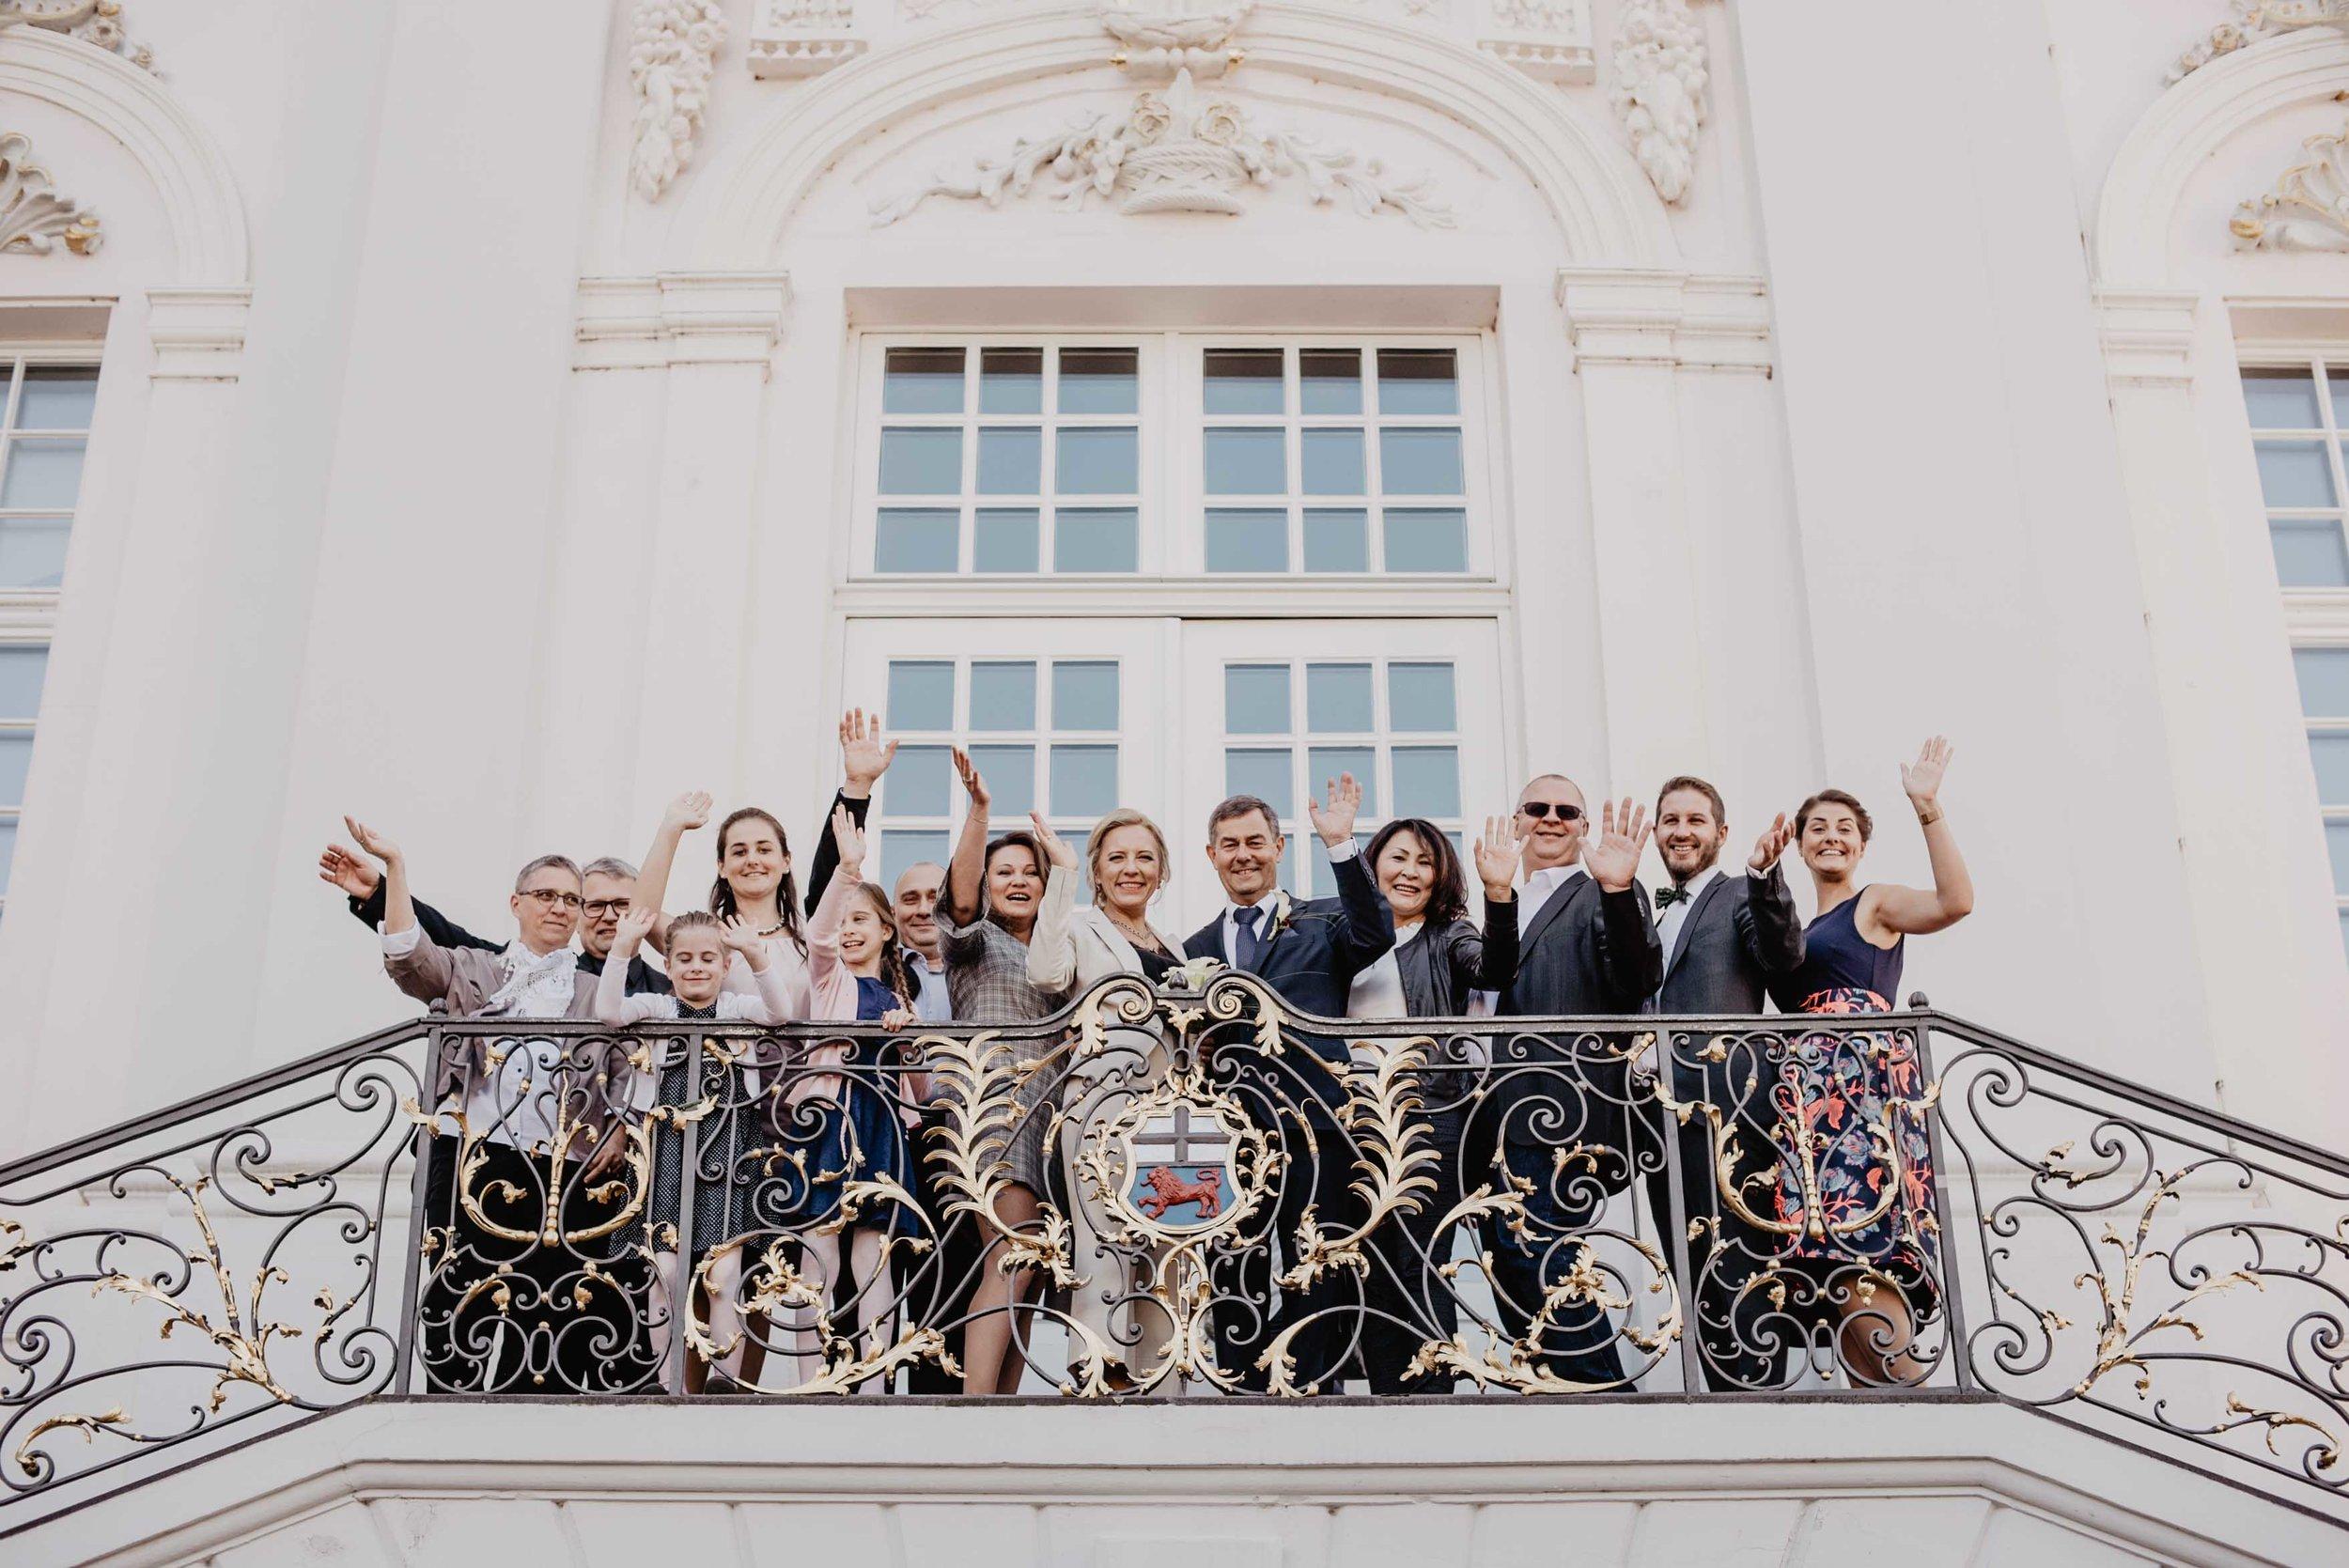 Hochzeit Standesamt Bonn by Lucy Wedding Photography-117.jpg